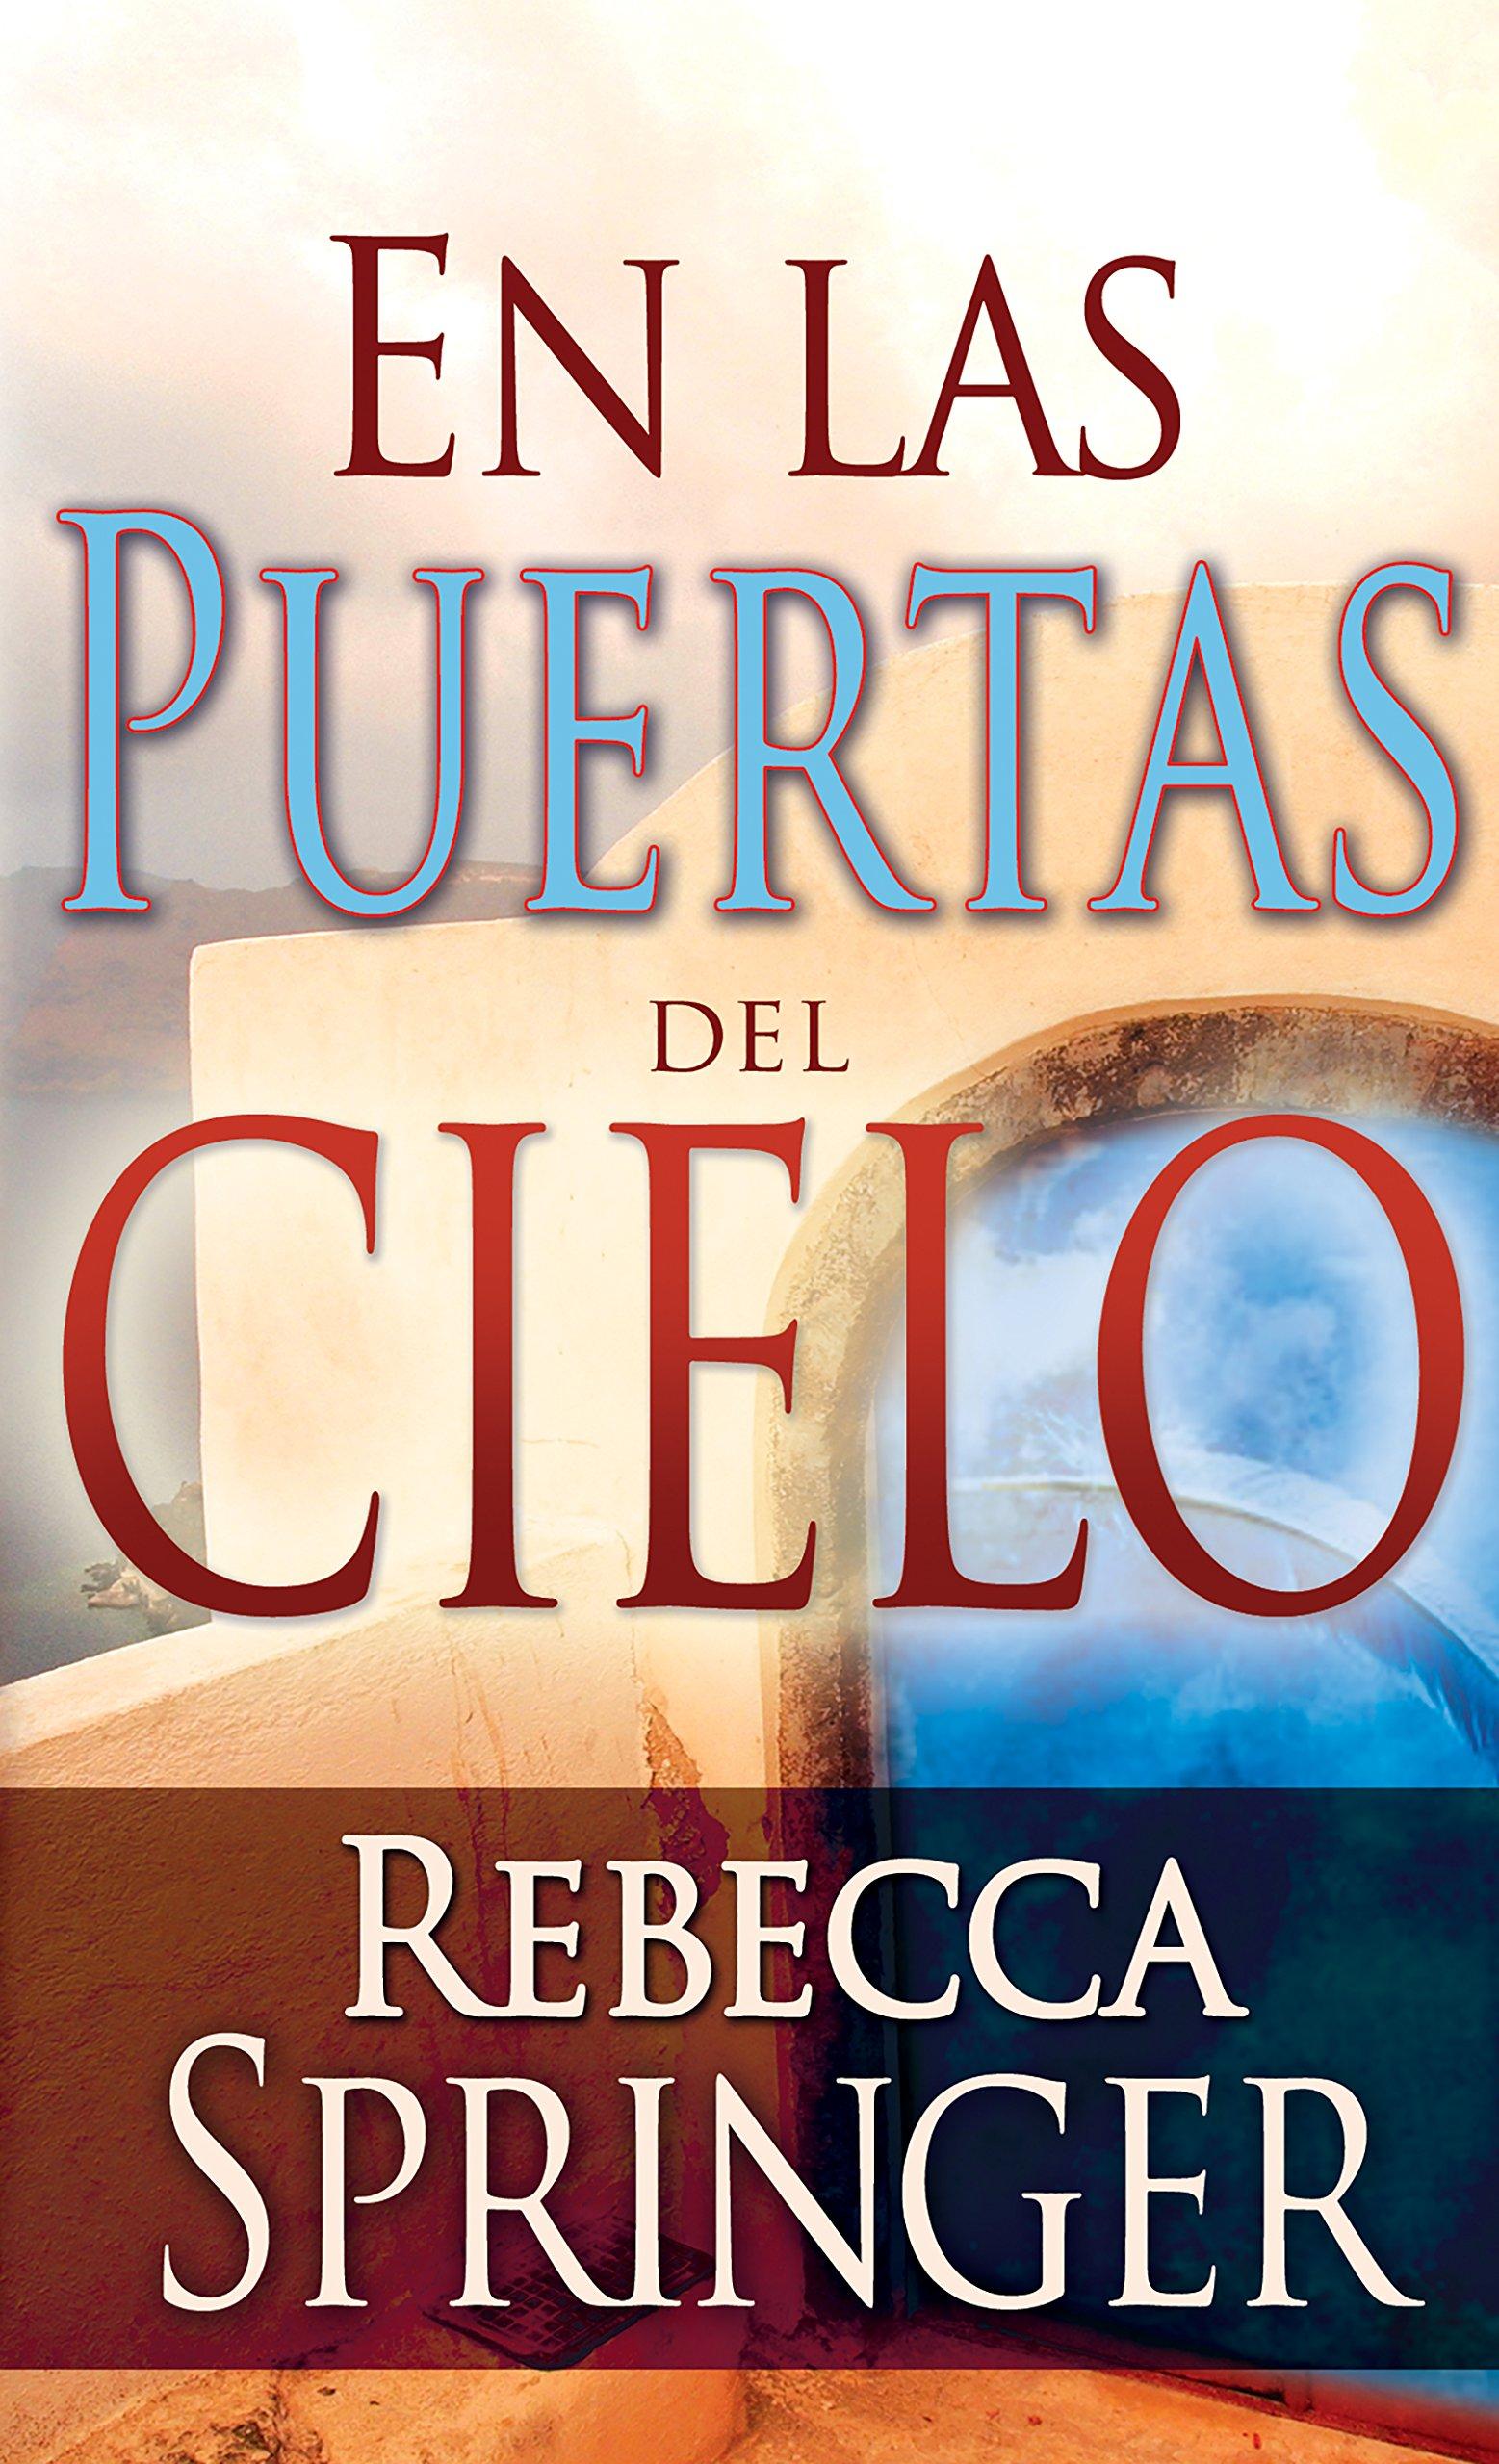 En las puertas del cielo (Spanish Edition) PDF